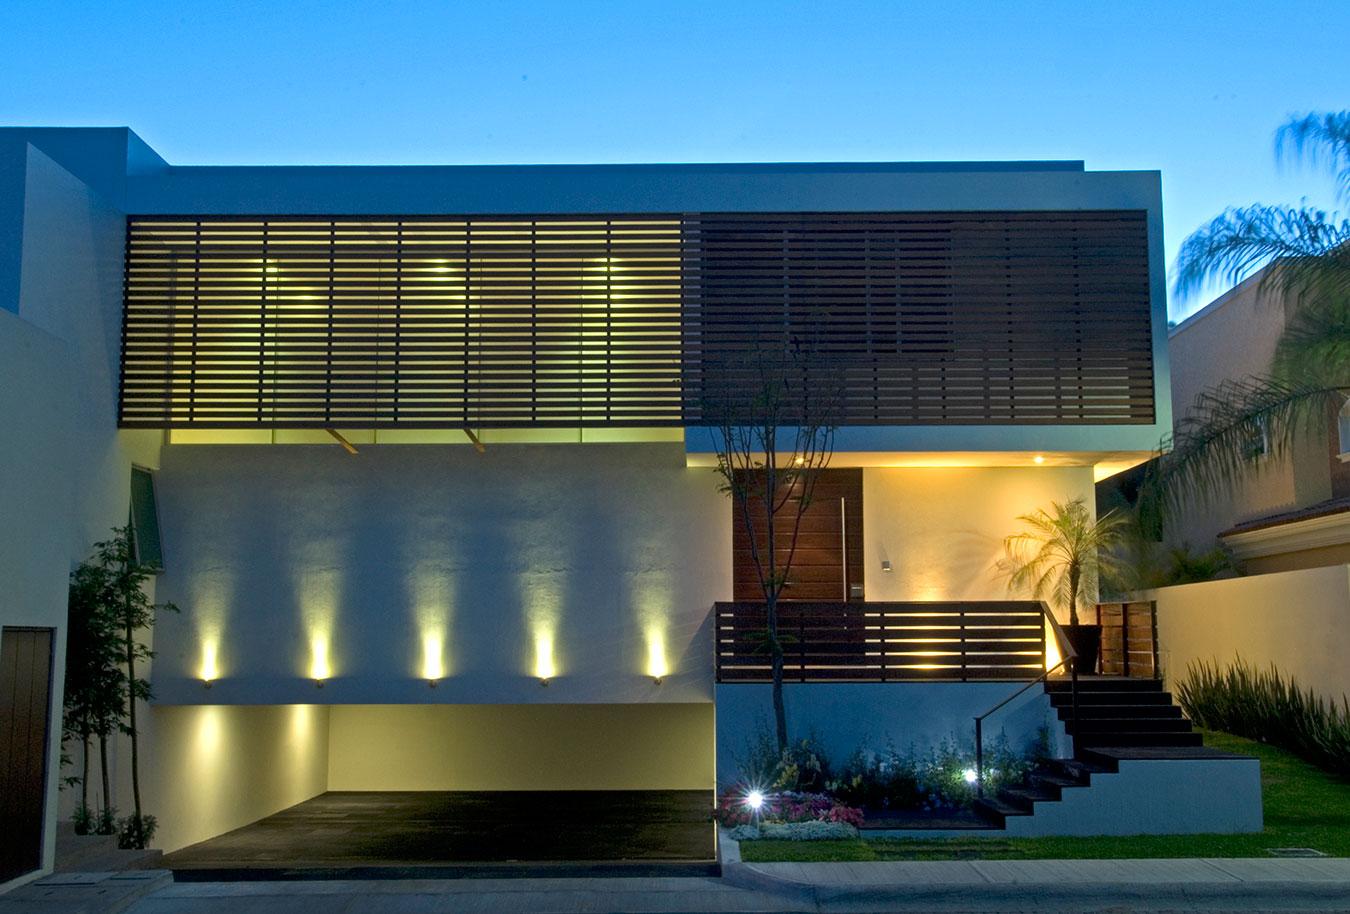 Casa com iluminação em destaque na fachada